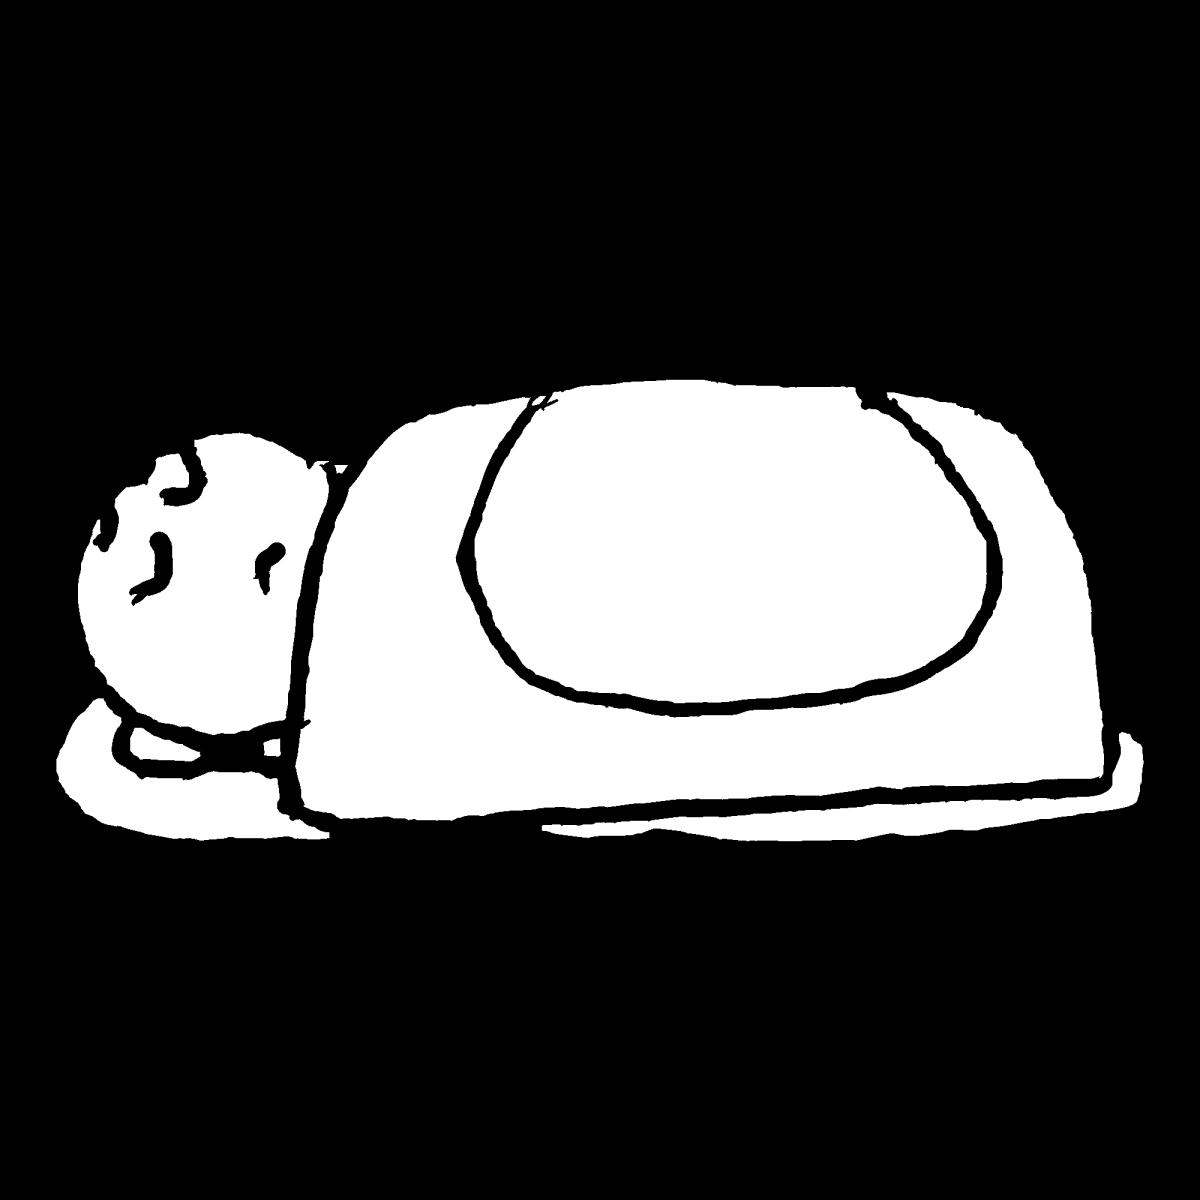 寝込むのイラスト / Fall a sleepCoronavirus Illustration